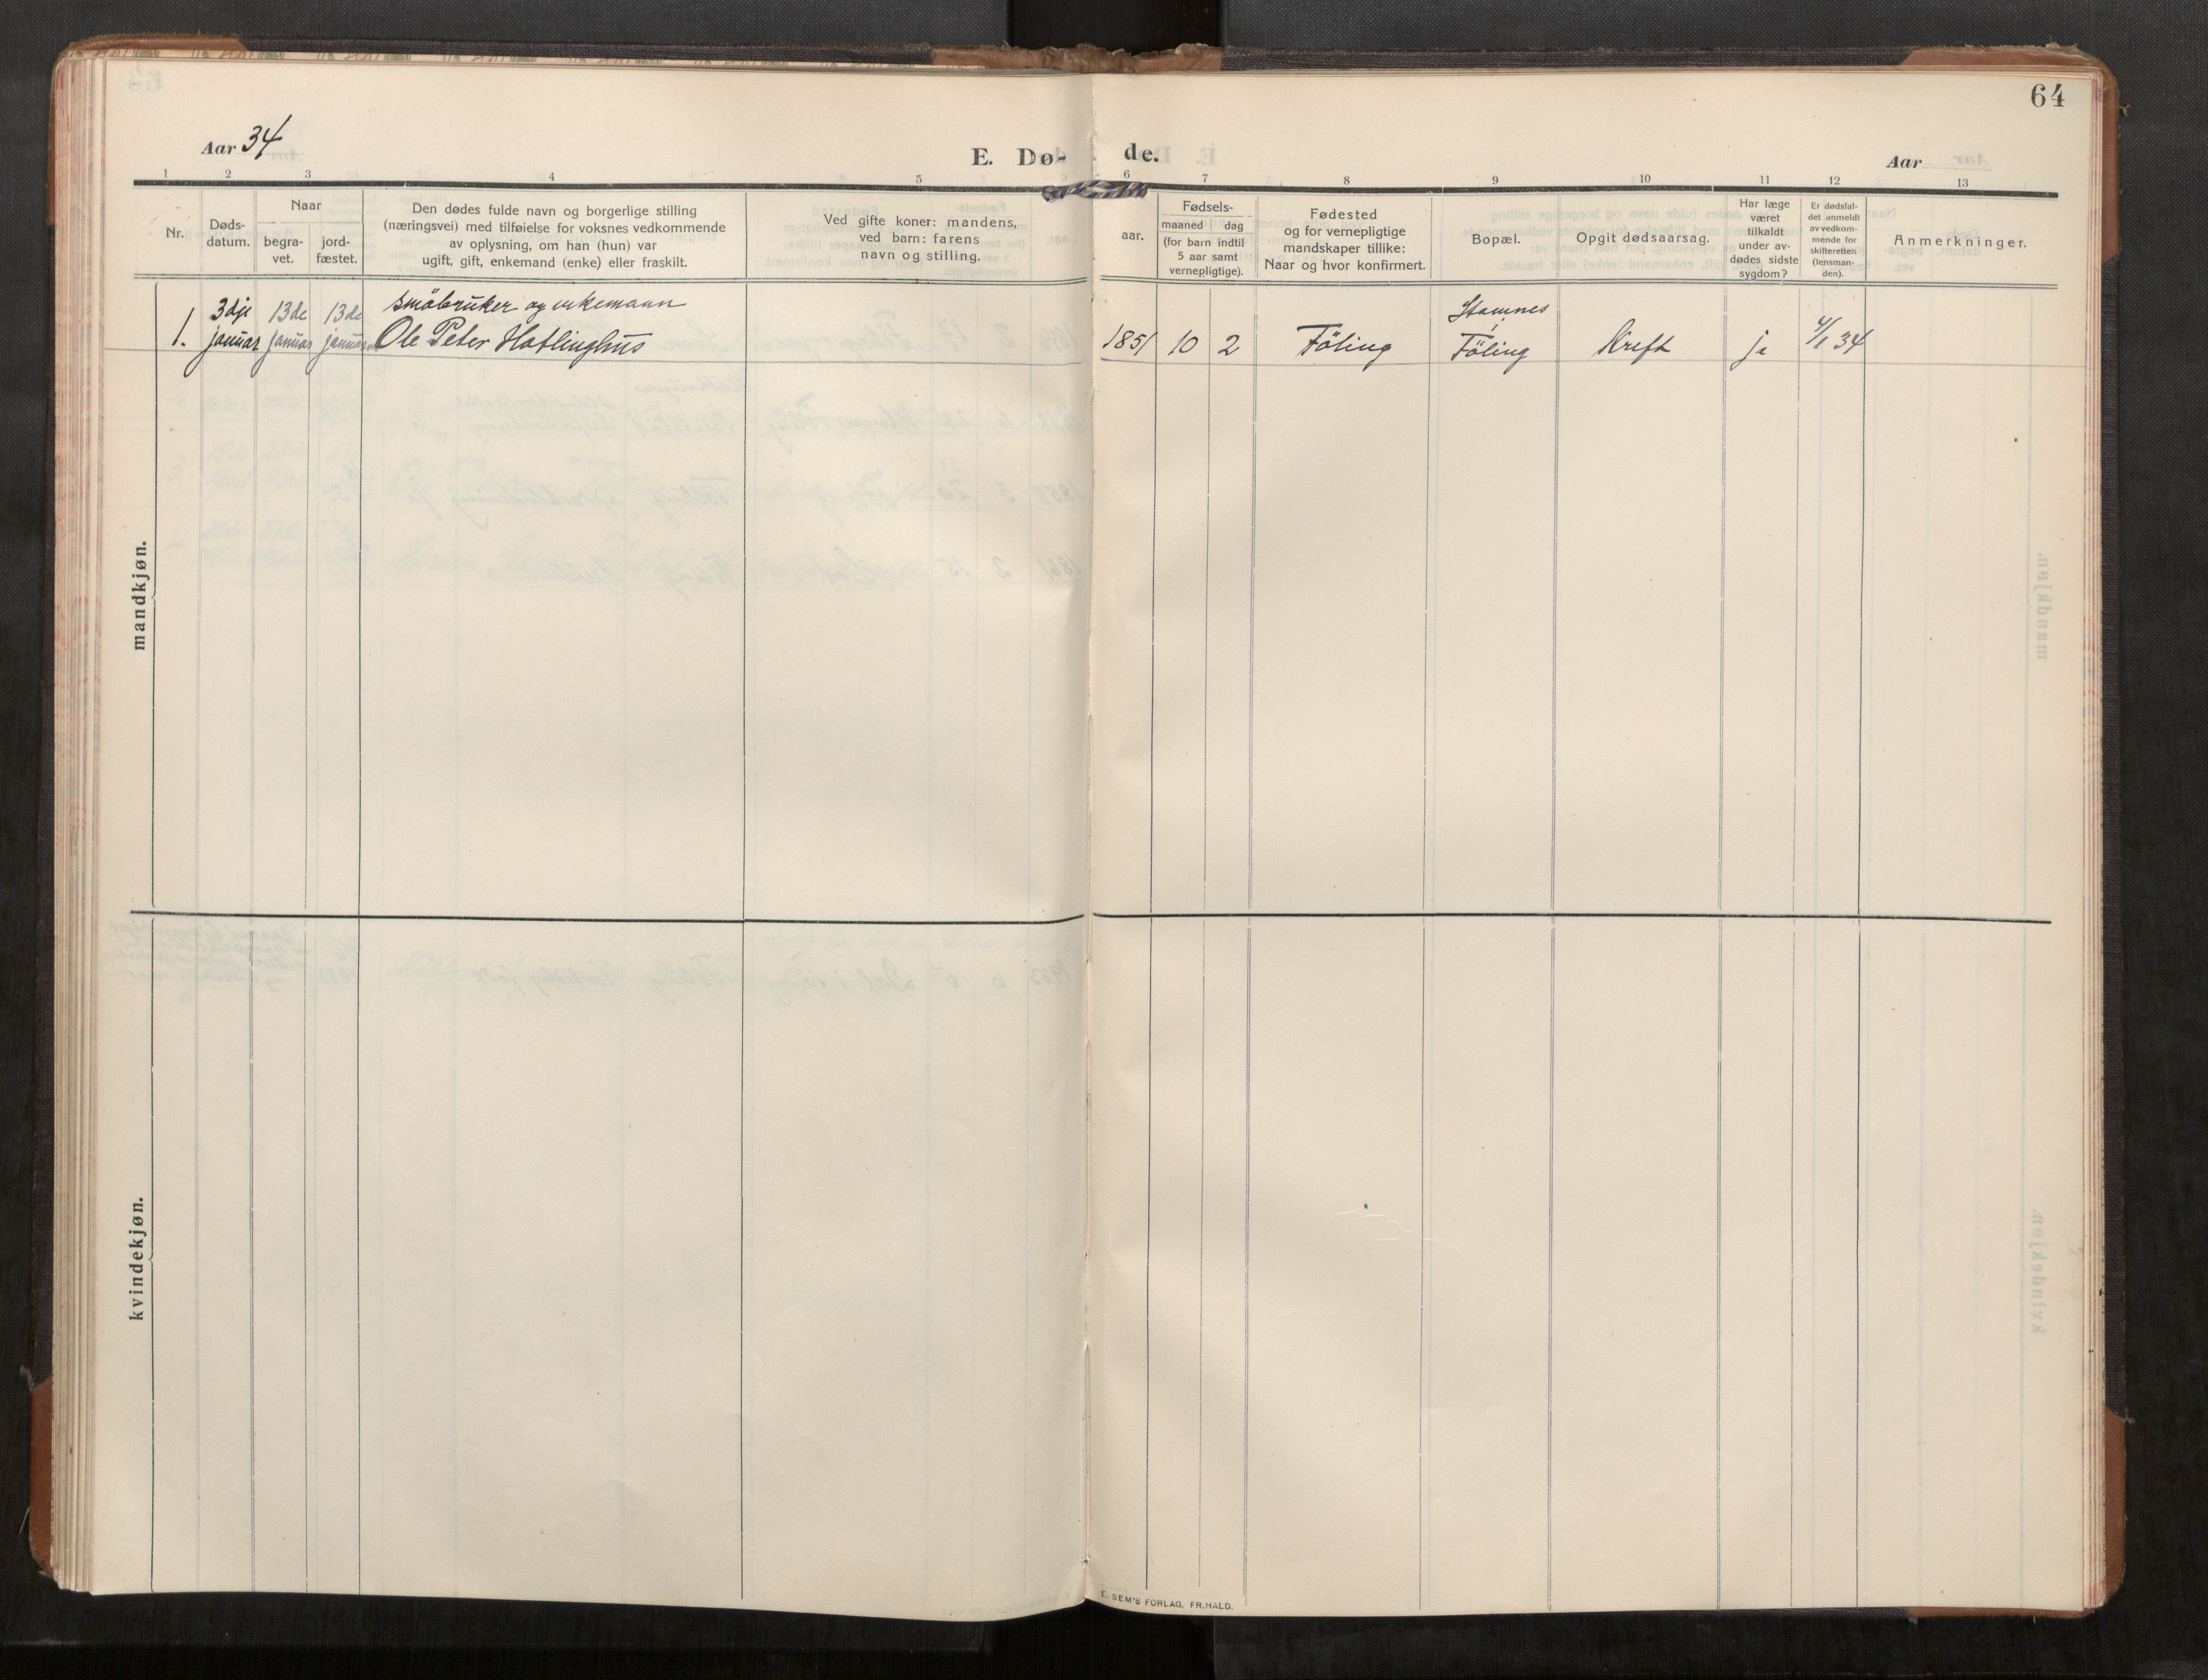 SAT, Stod sokneprestkontor, I/I1/I1a/L0003: Parish register (official) no. 3, 1909-1934, p. 64